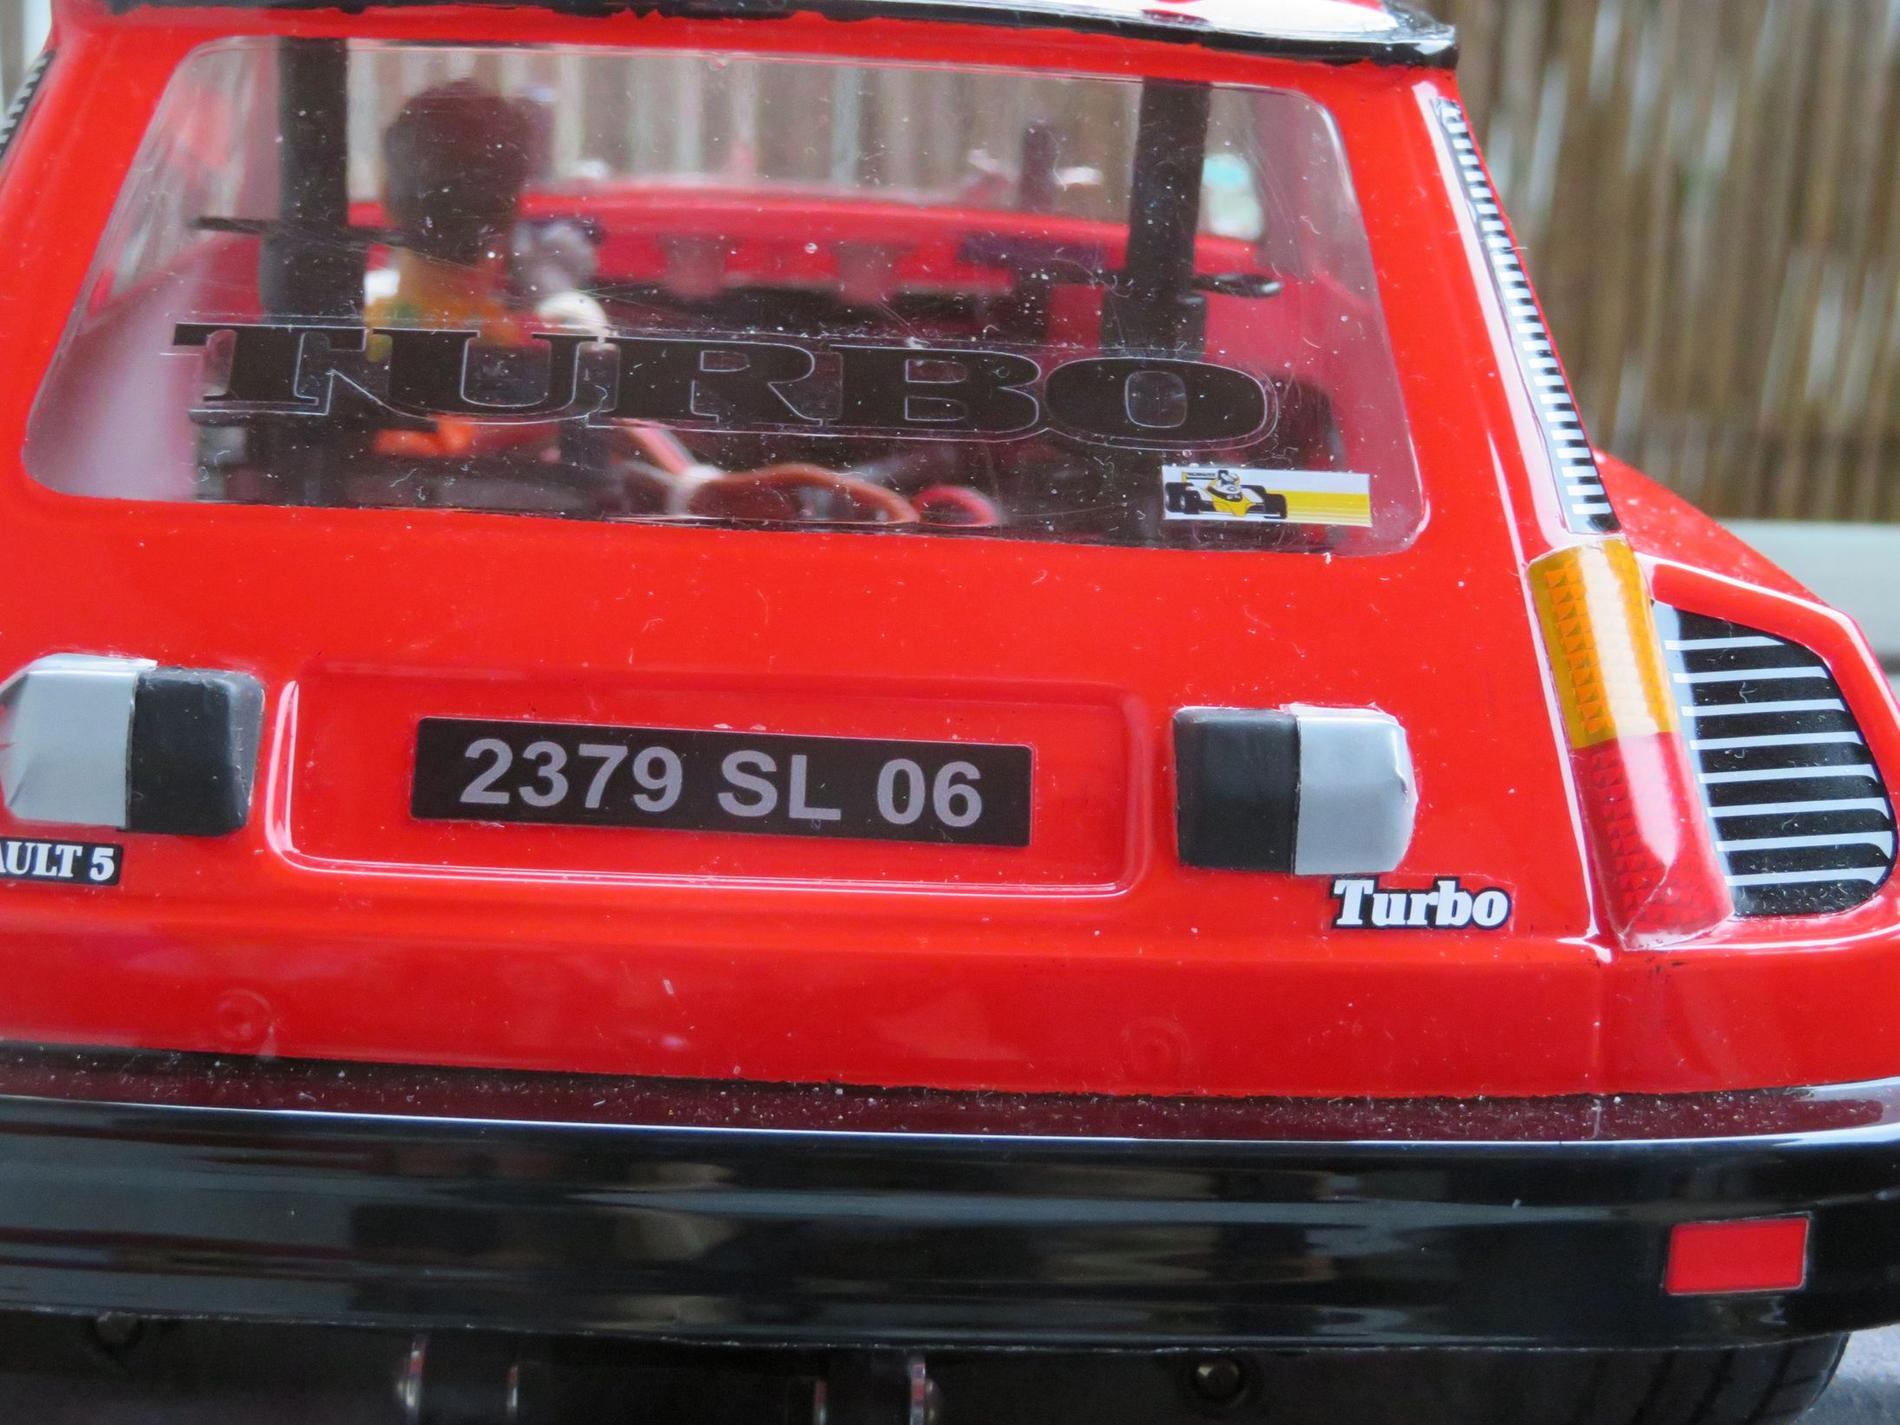 Tamiya Renault 5 Turbo - M08 Concept 0e2ee34b9b7c417eb181e3b09d53dbf8